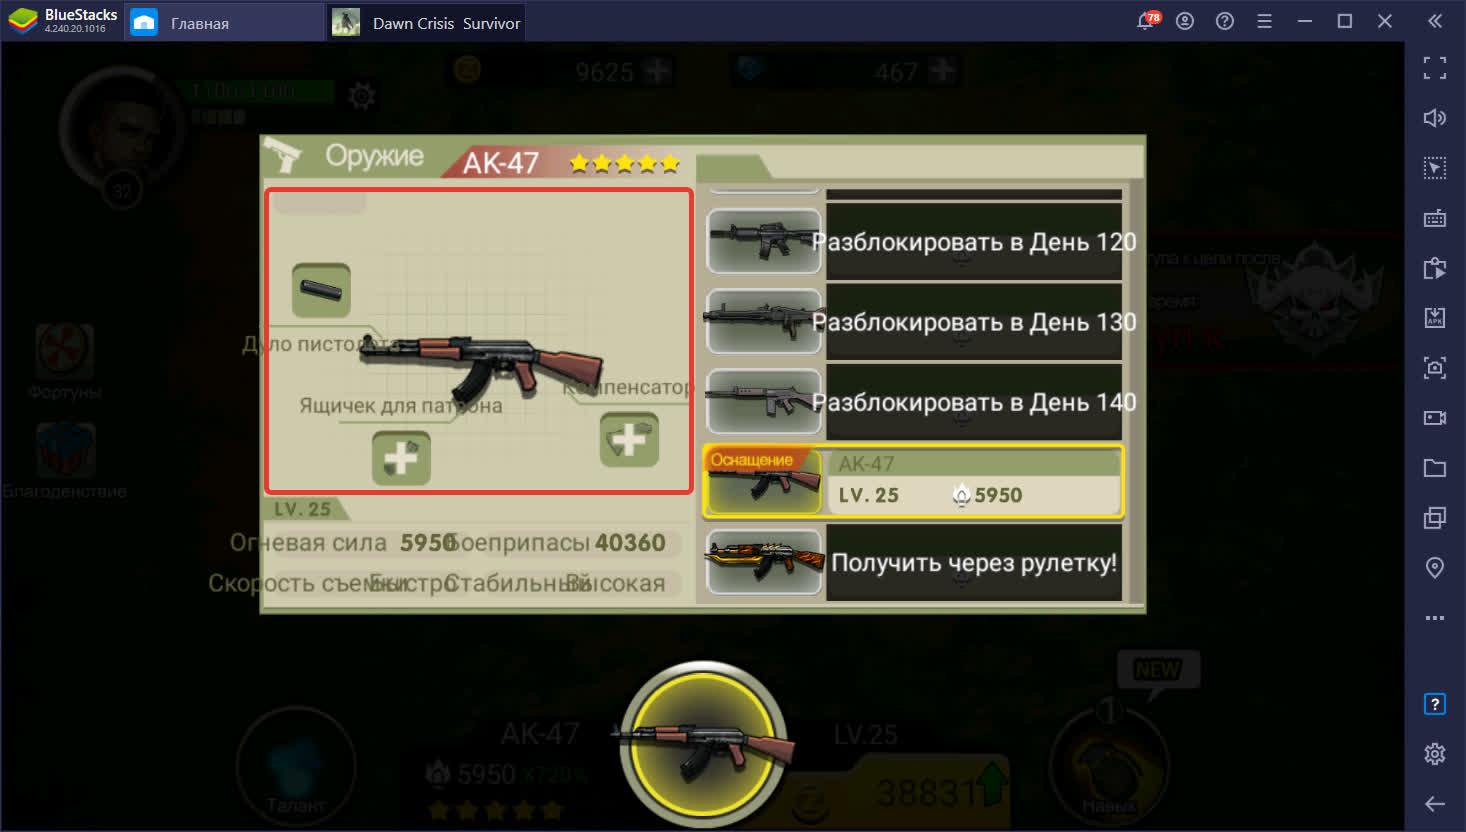 Оружие в Dawn Crisis